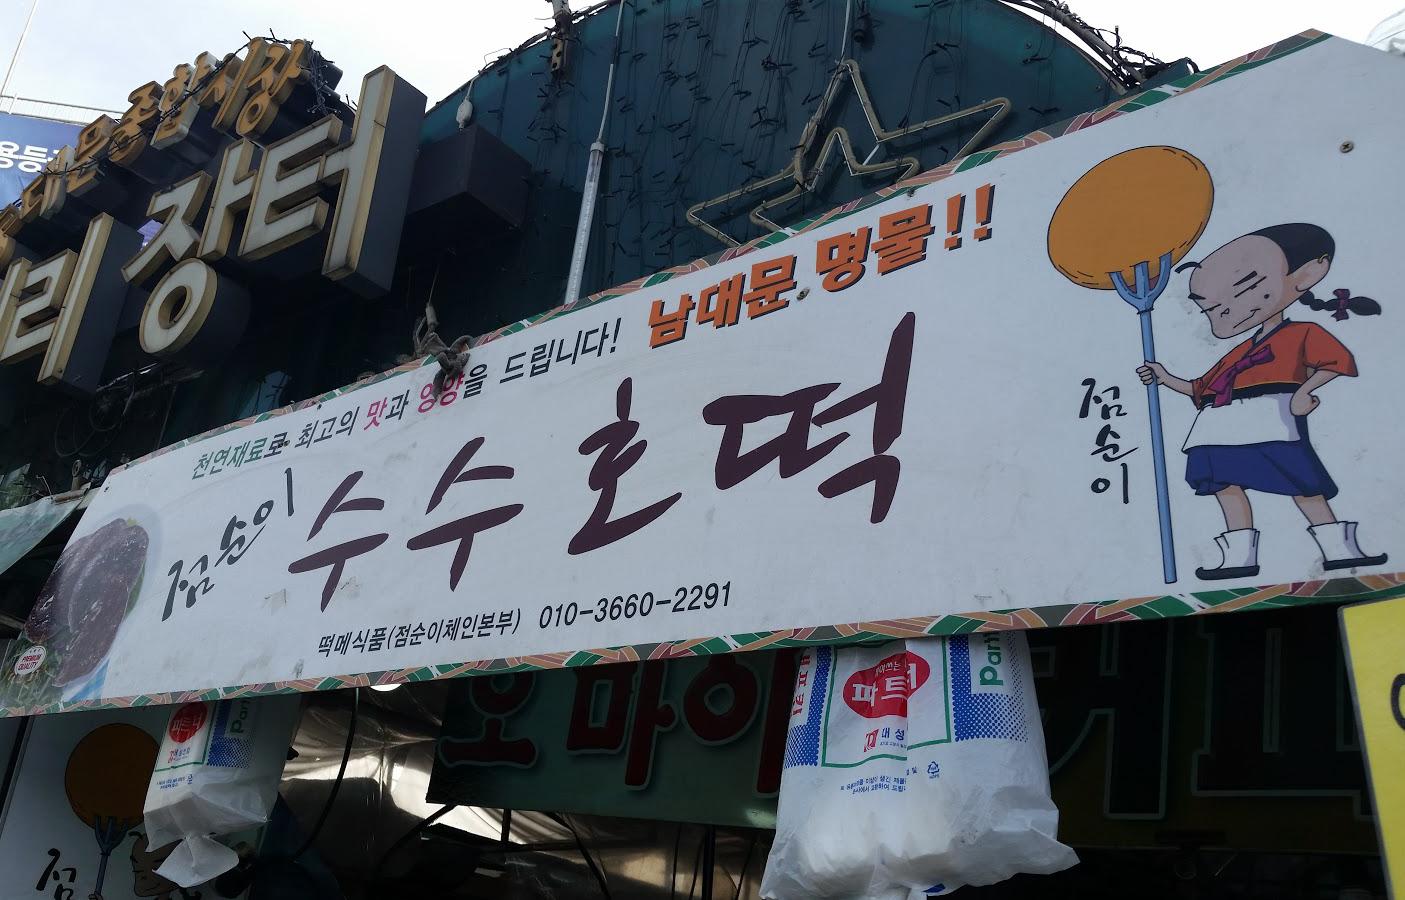 Korea Trip - Dongdaemun Millet Hotteok 2